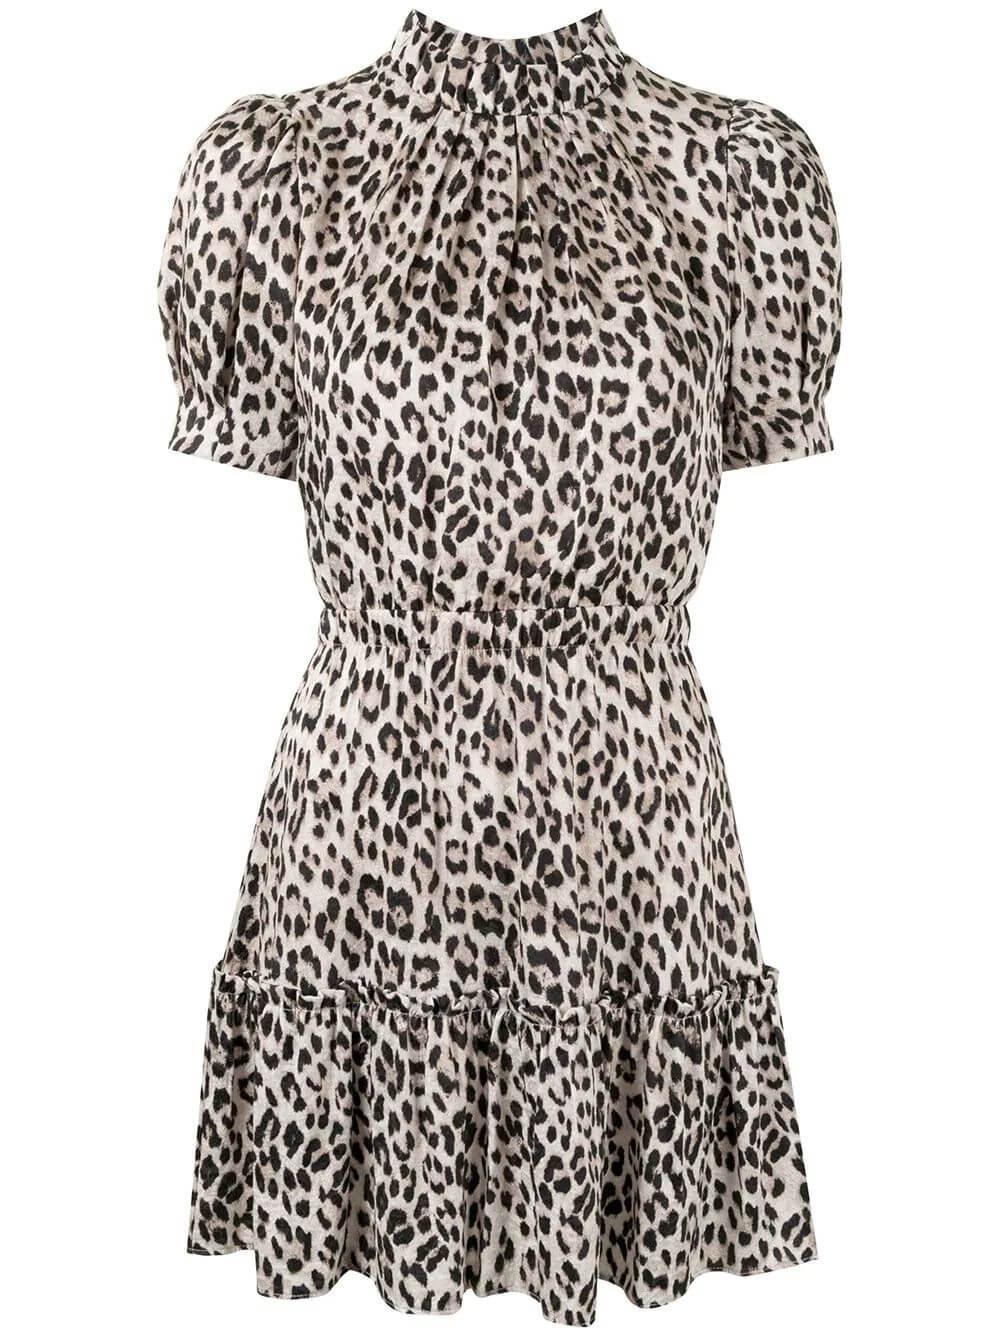 Vida Leopard Print Dress